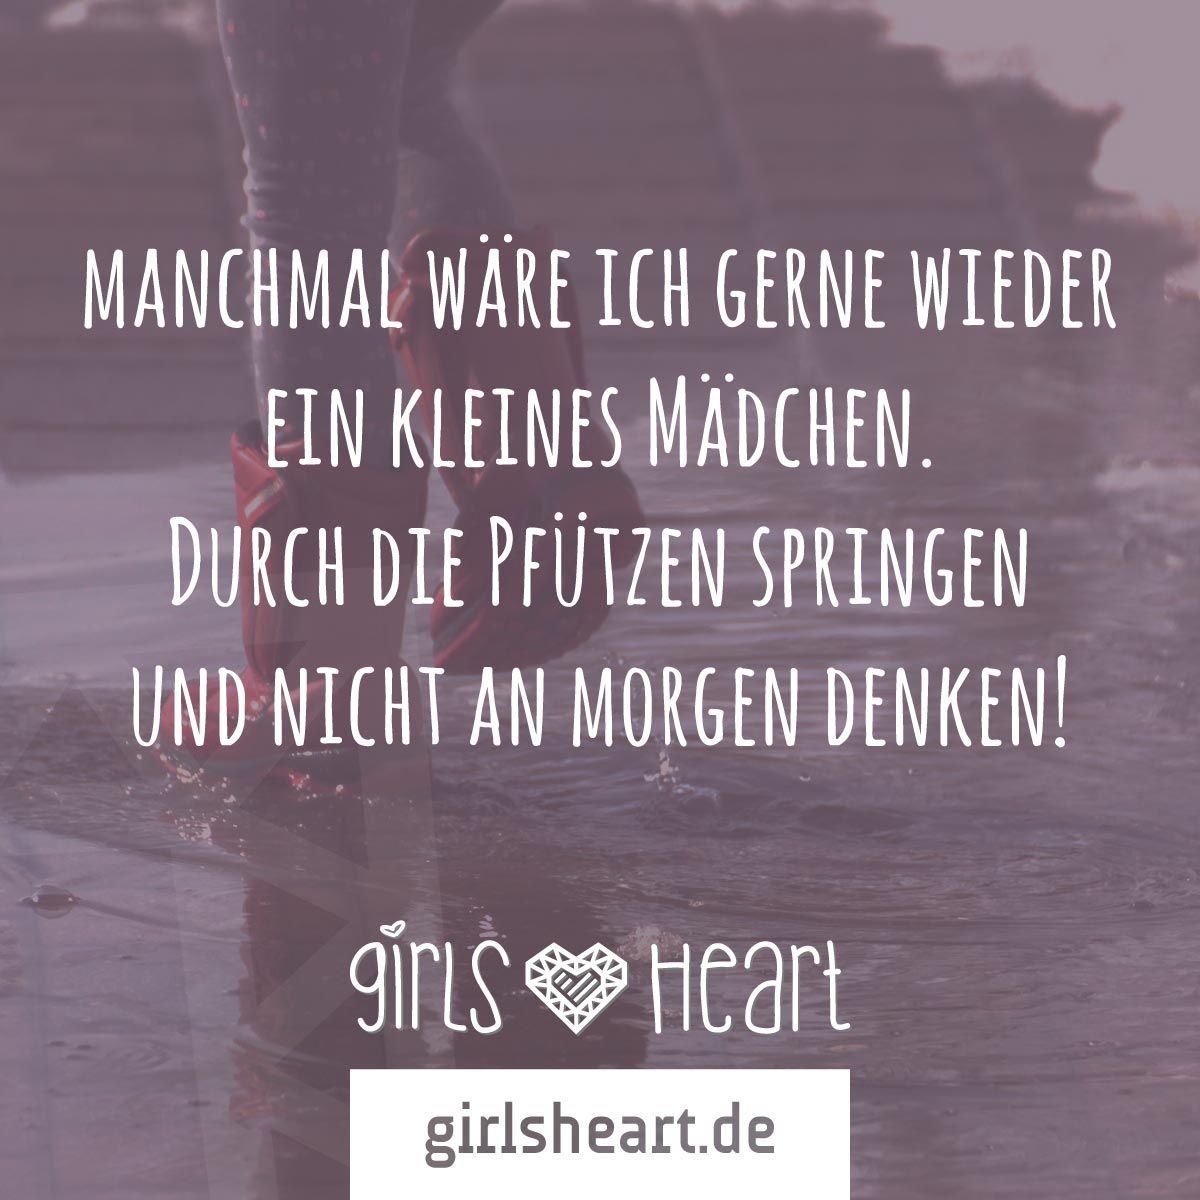 sprüche kindheit Mehr Sprüche auf: .girlsheart.de #kind #spaß #sorgenfrei  sprüche kindheit